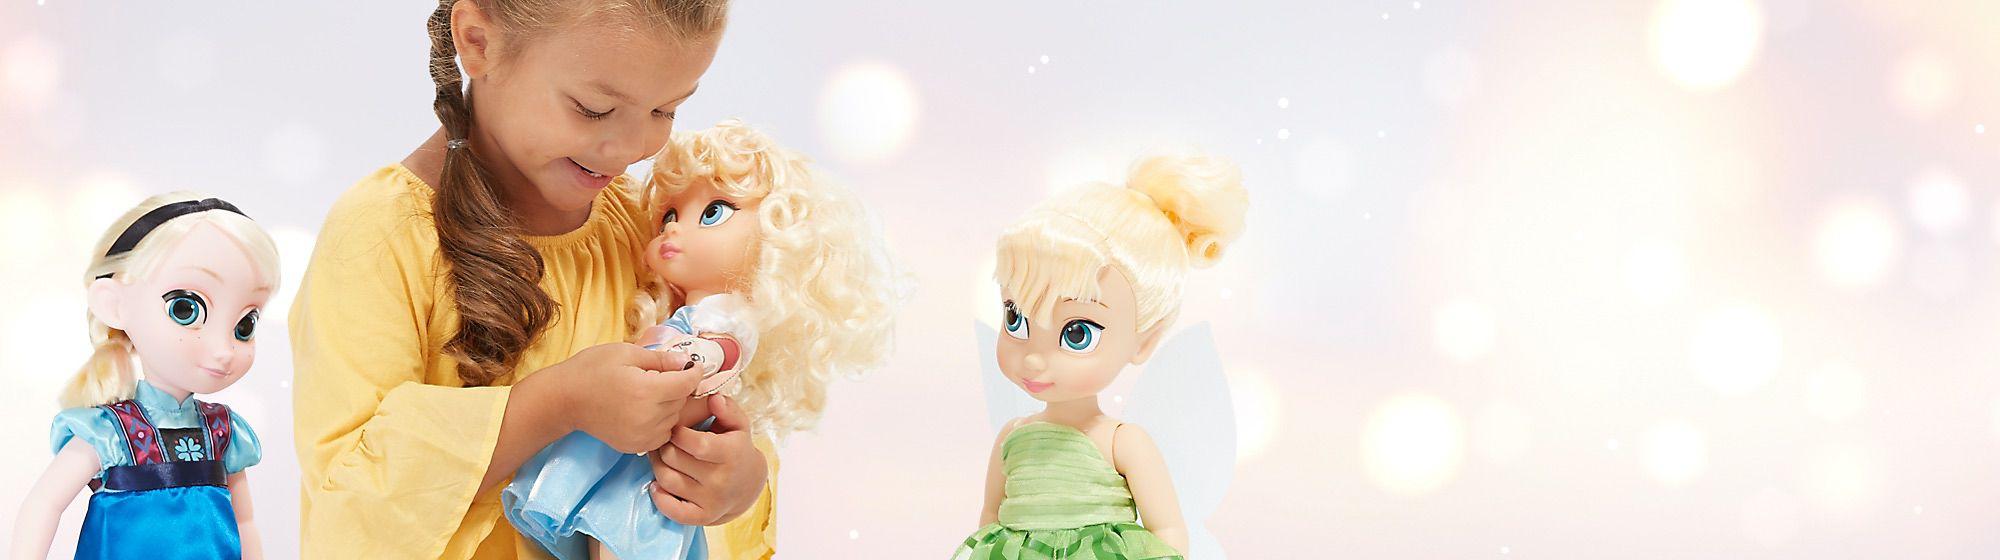 30% Rabatt Disney Animator Collection  JETZT KAUFEN